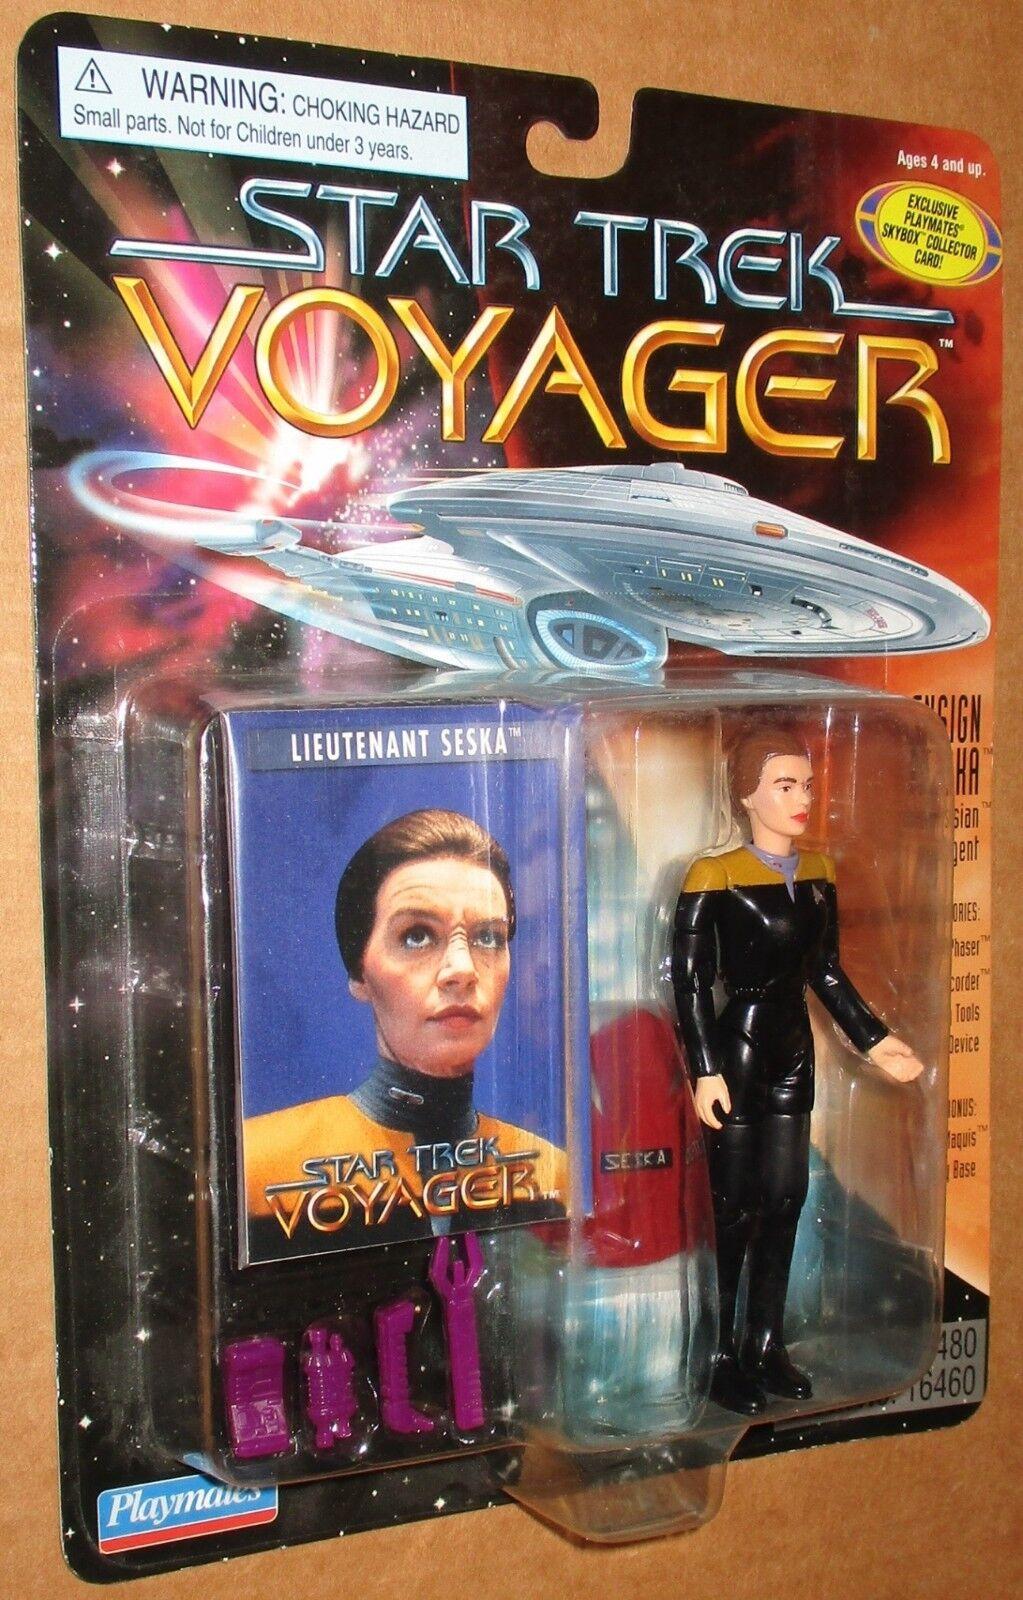 Star Trek Voyager Low Number Ensign Seska Figure MOC 2018 Playmates